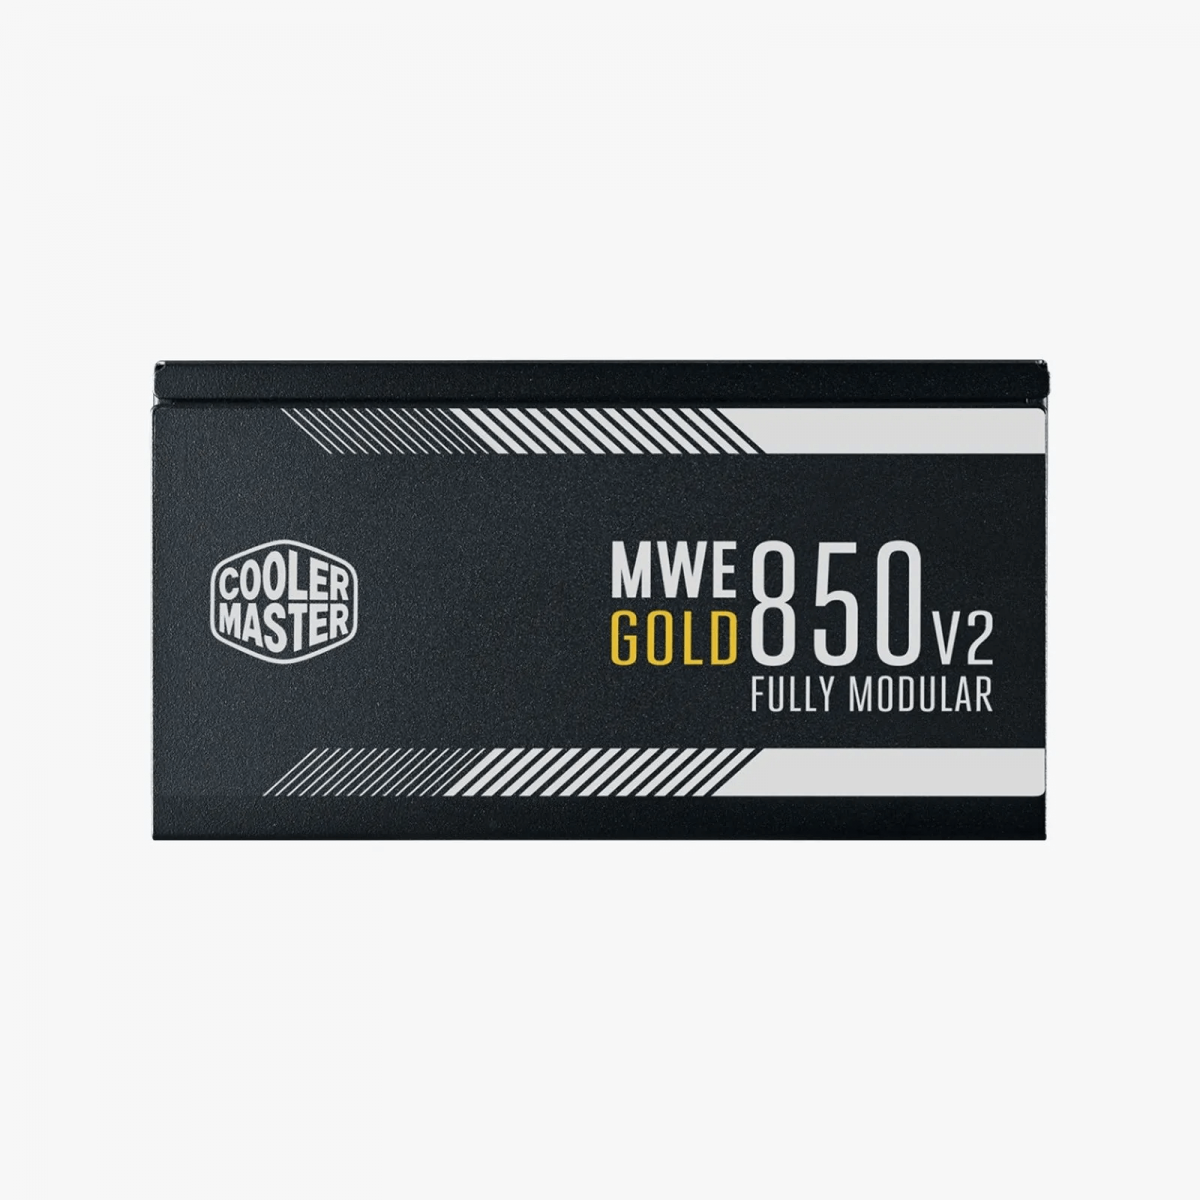 Fonte Cooler Master MWE V2 850W, 80 Plus Gold, PFC Ativo, Full Modular, MPE-8501-ACAAG-WO